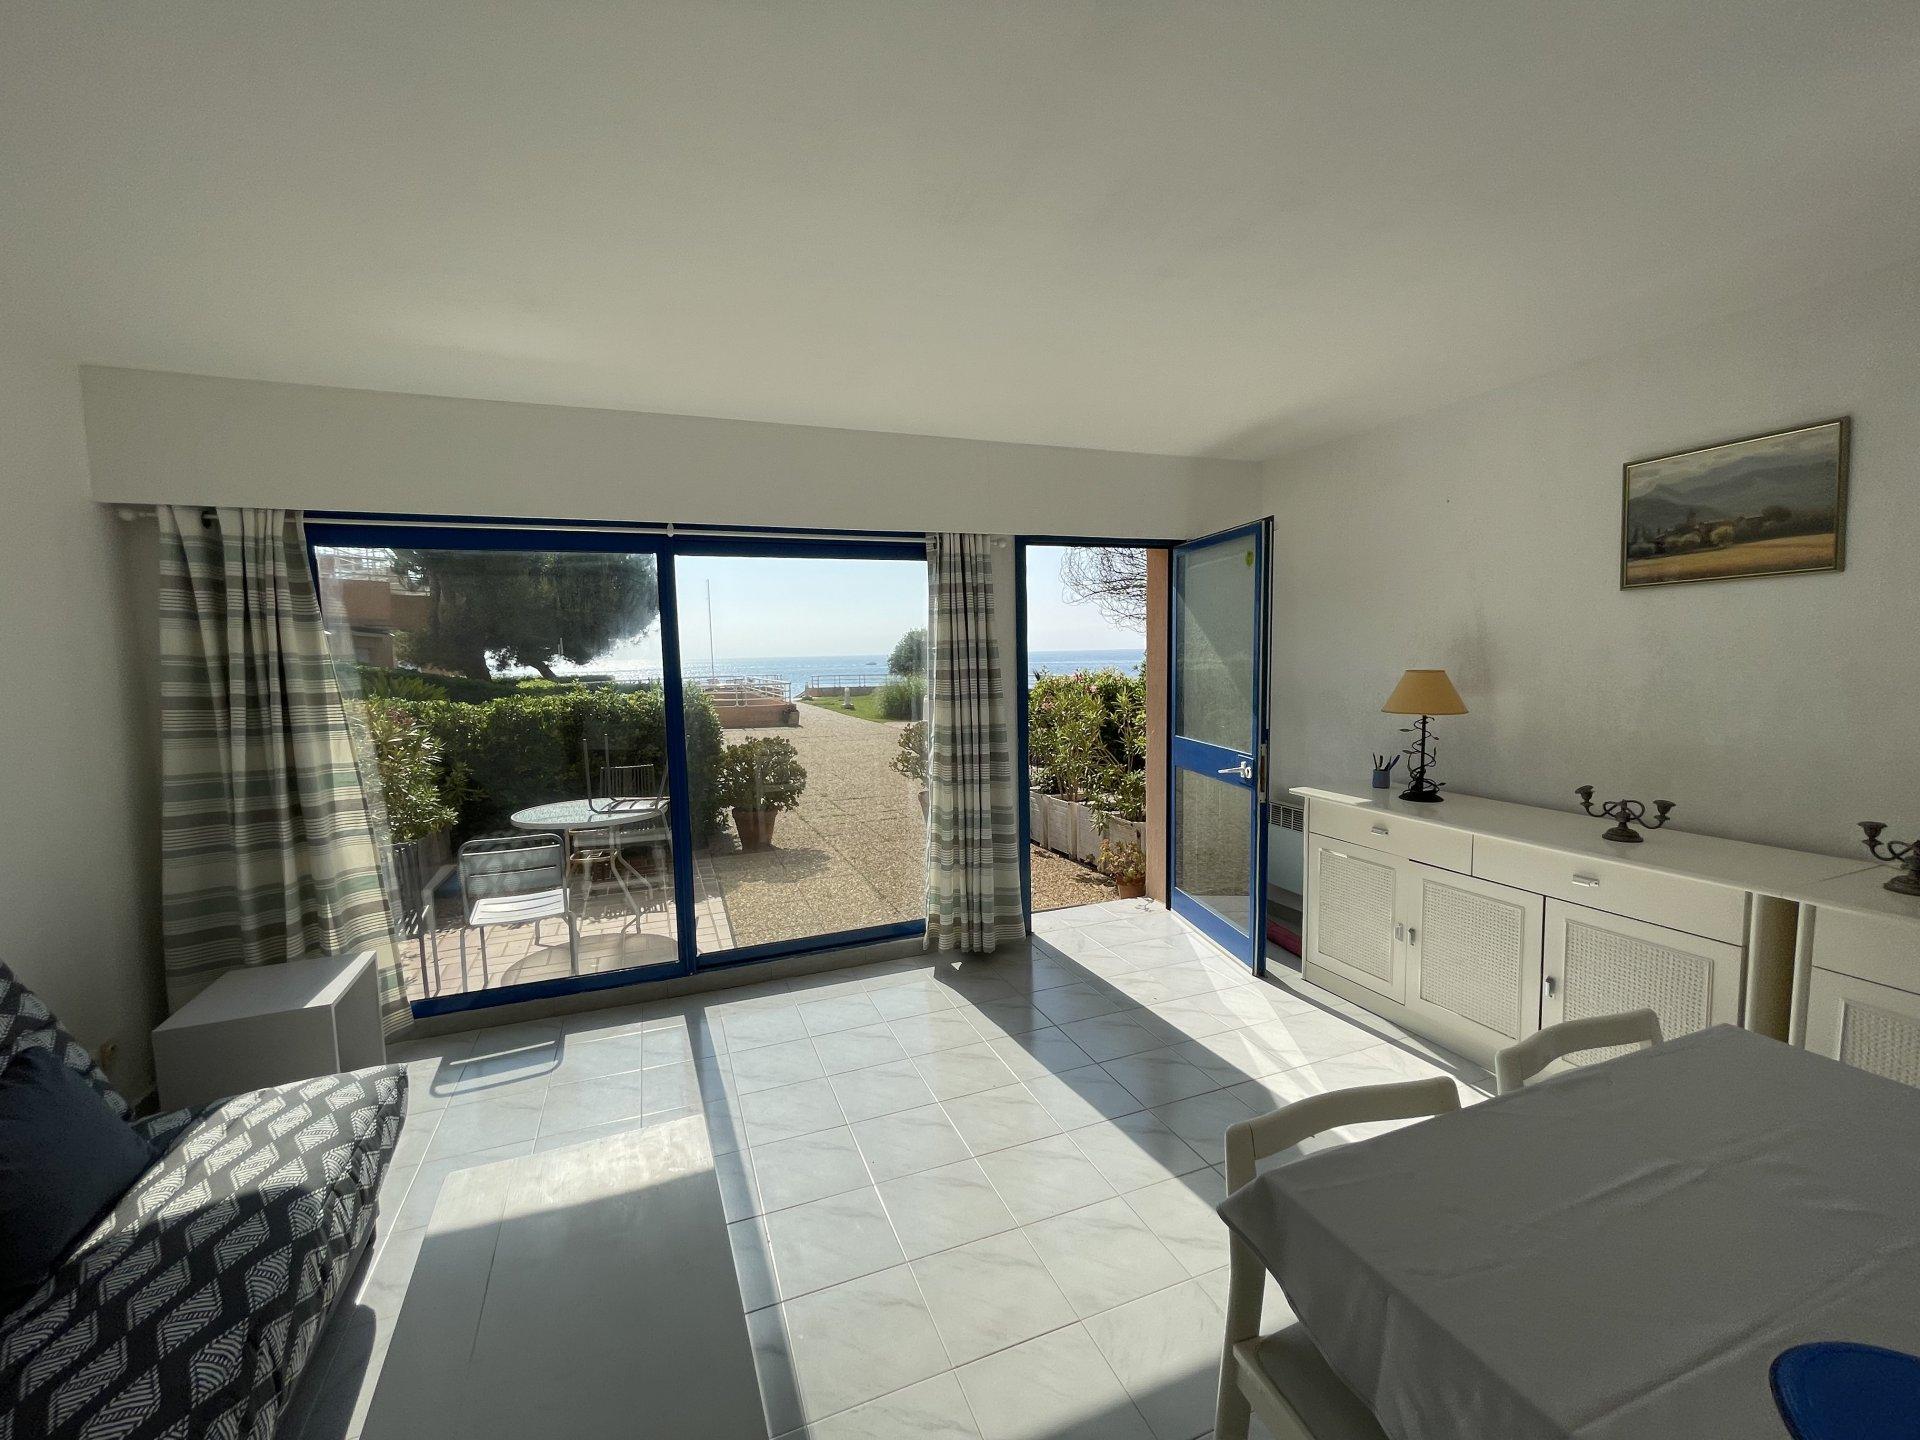 2 Zimmerwohnung mit Panoramablick auf das Meer